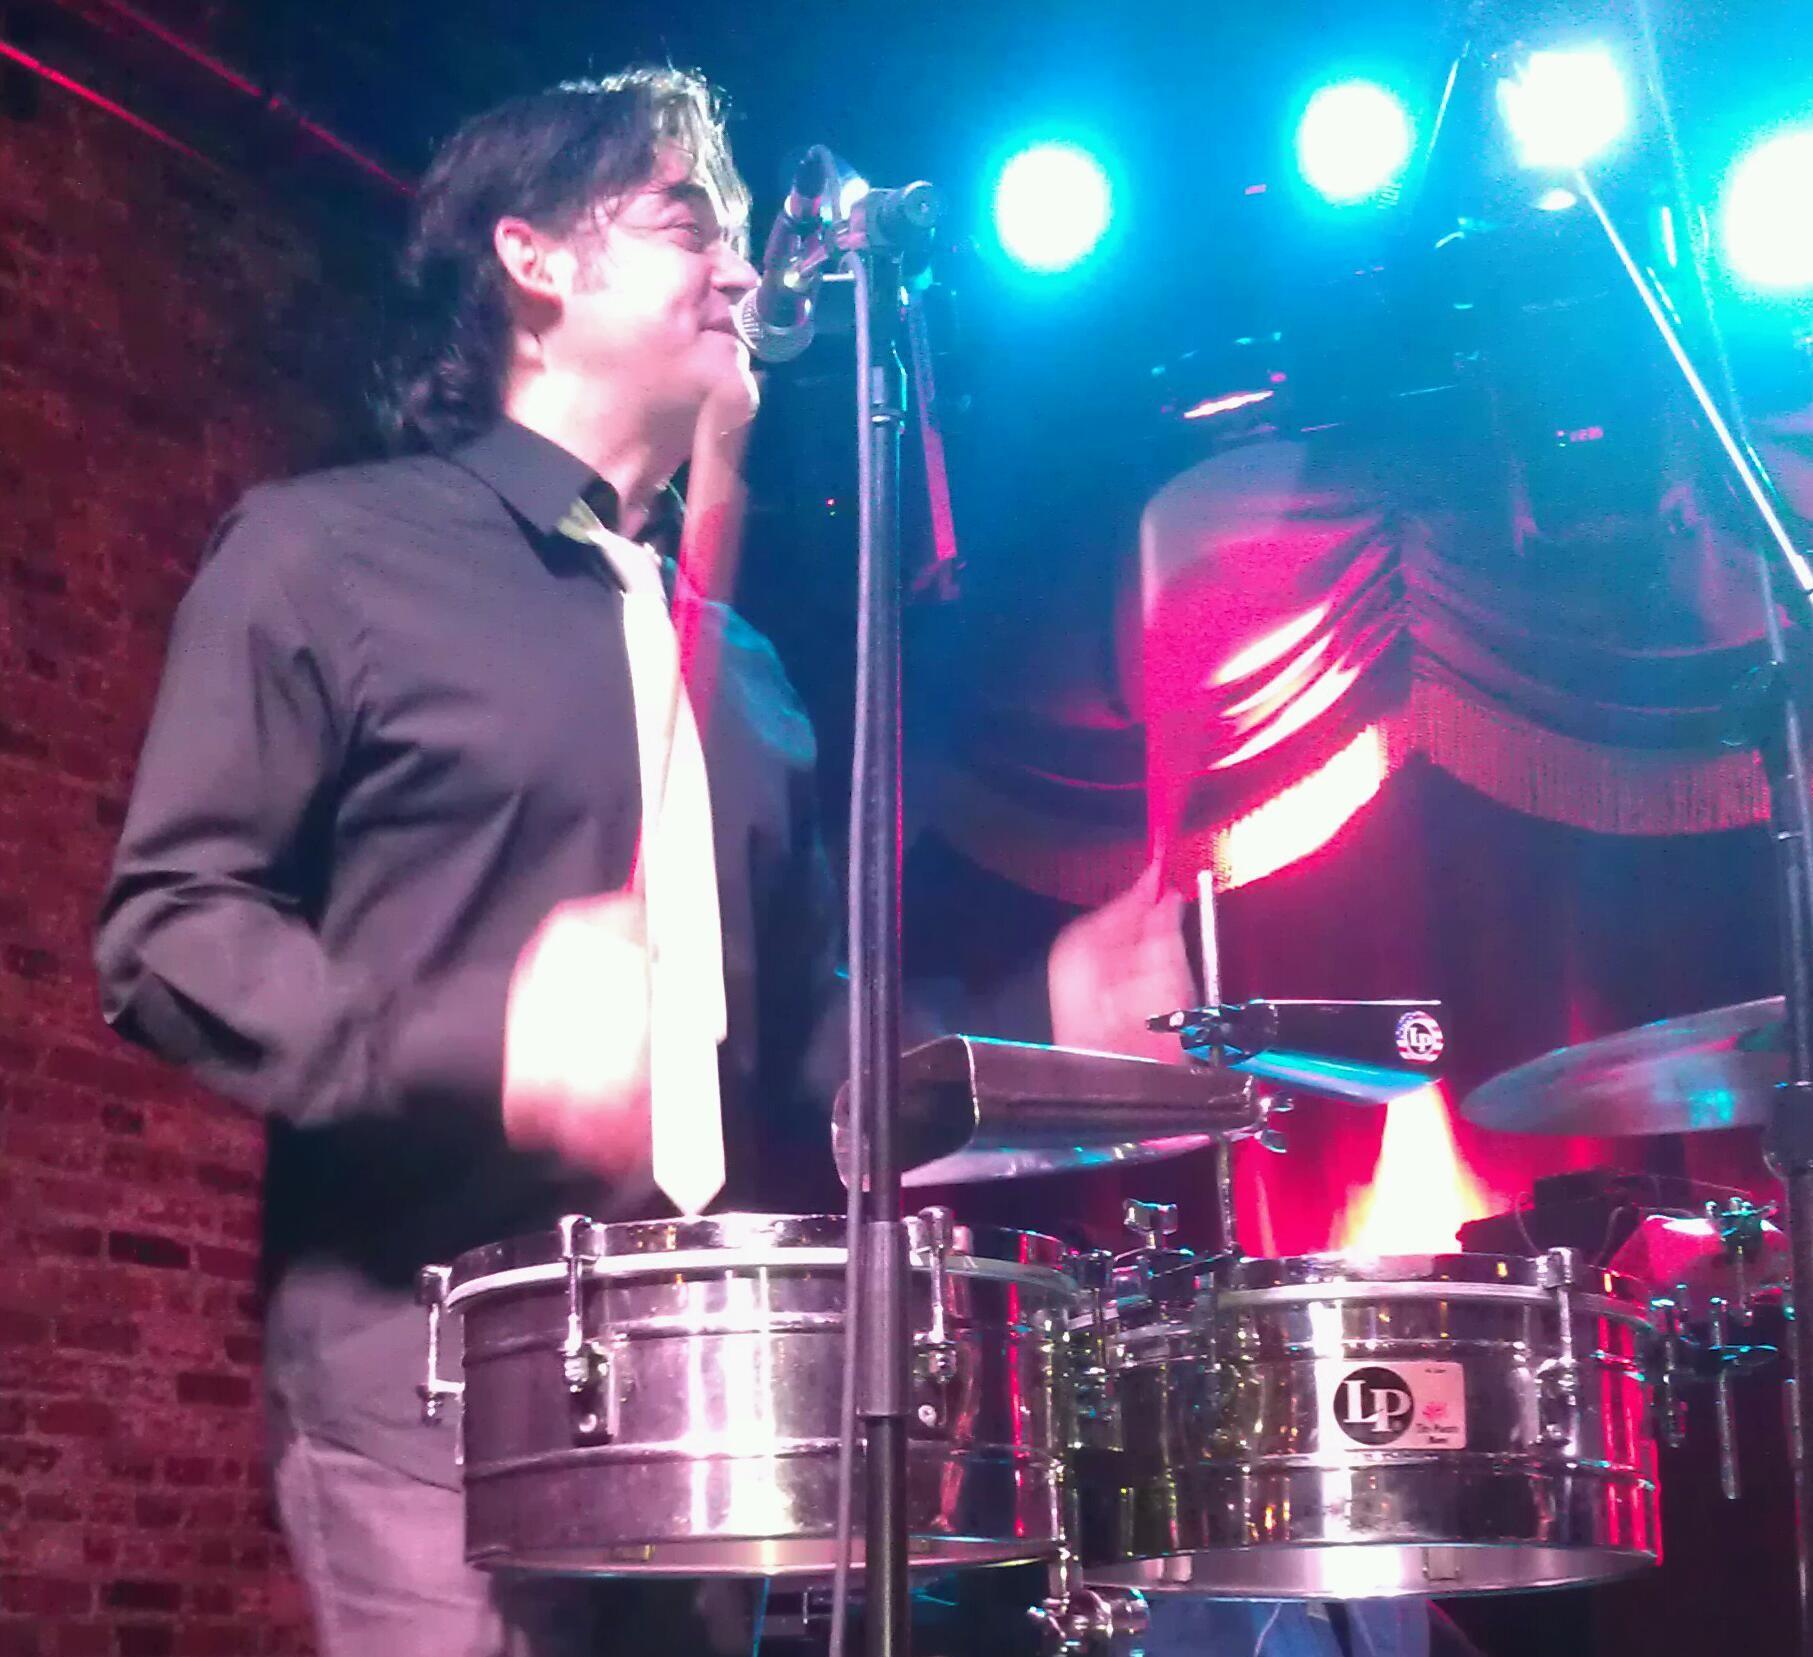 Photos: Williamsburg Salsa Orchestra Live At Brooklyn Bowl 10/17/11